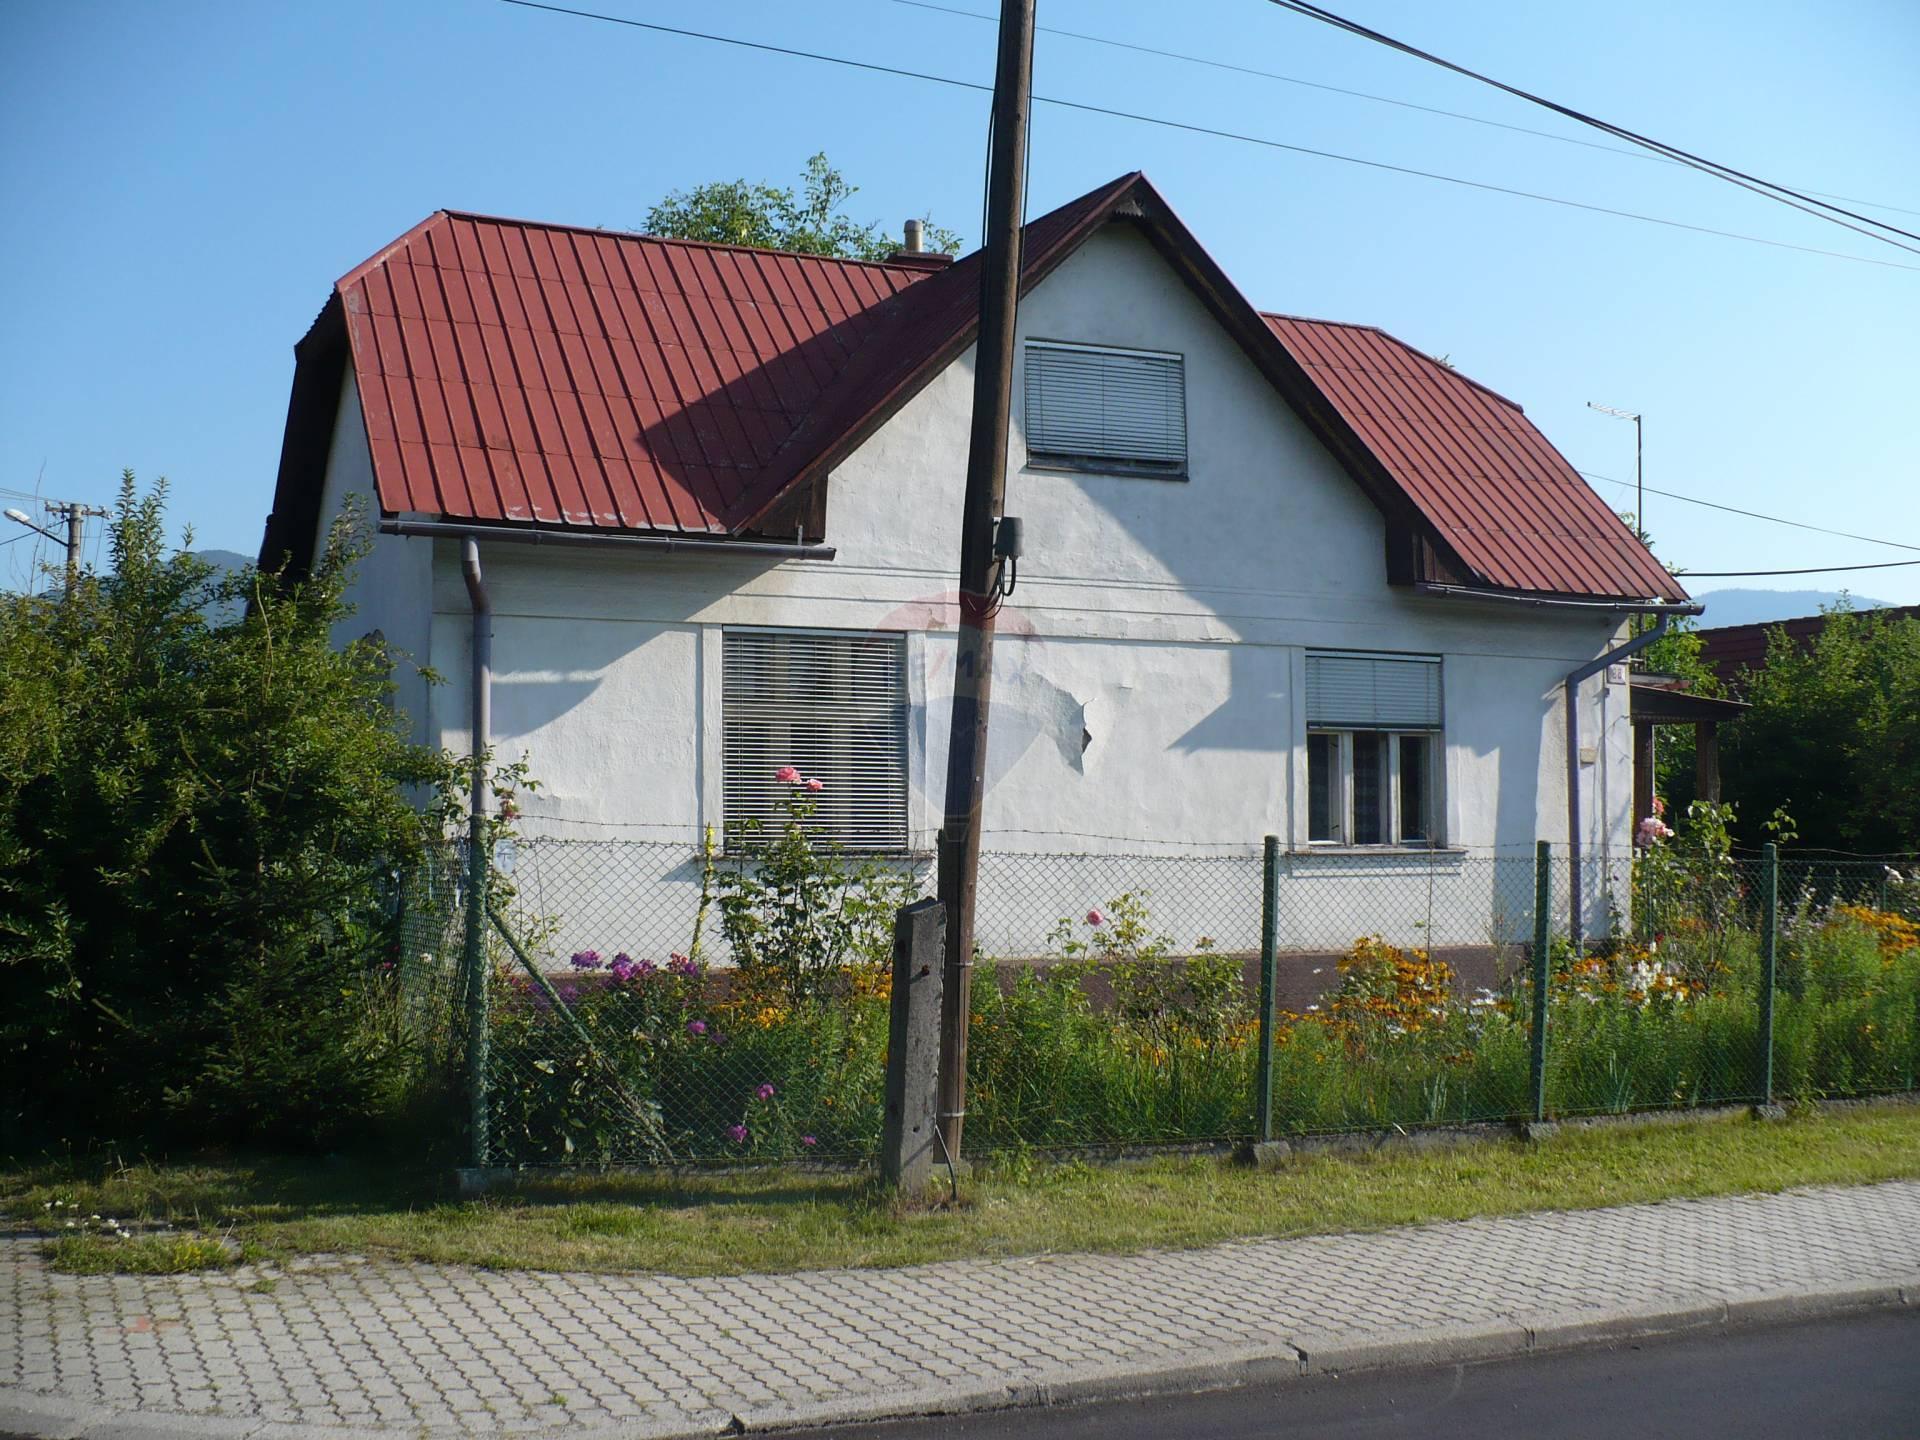 Predaj domu 84 m2 Martin-Priekopa